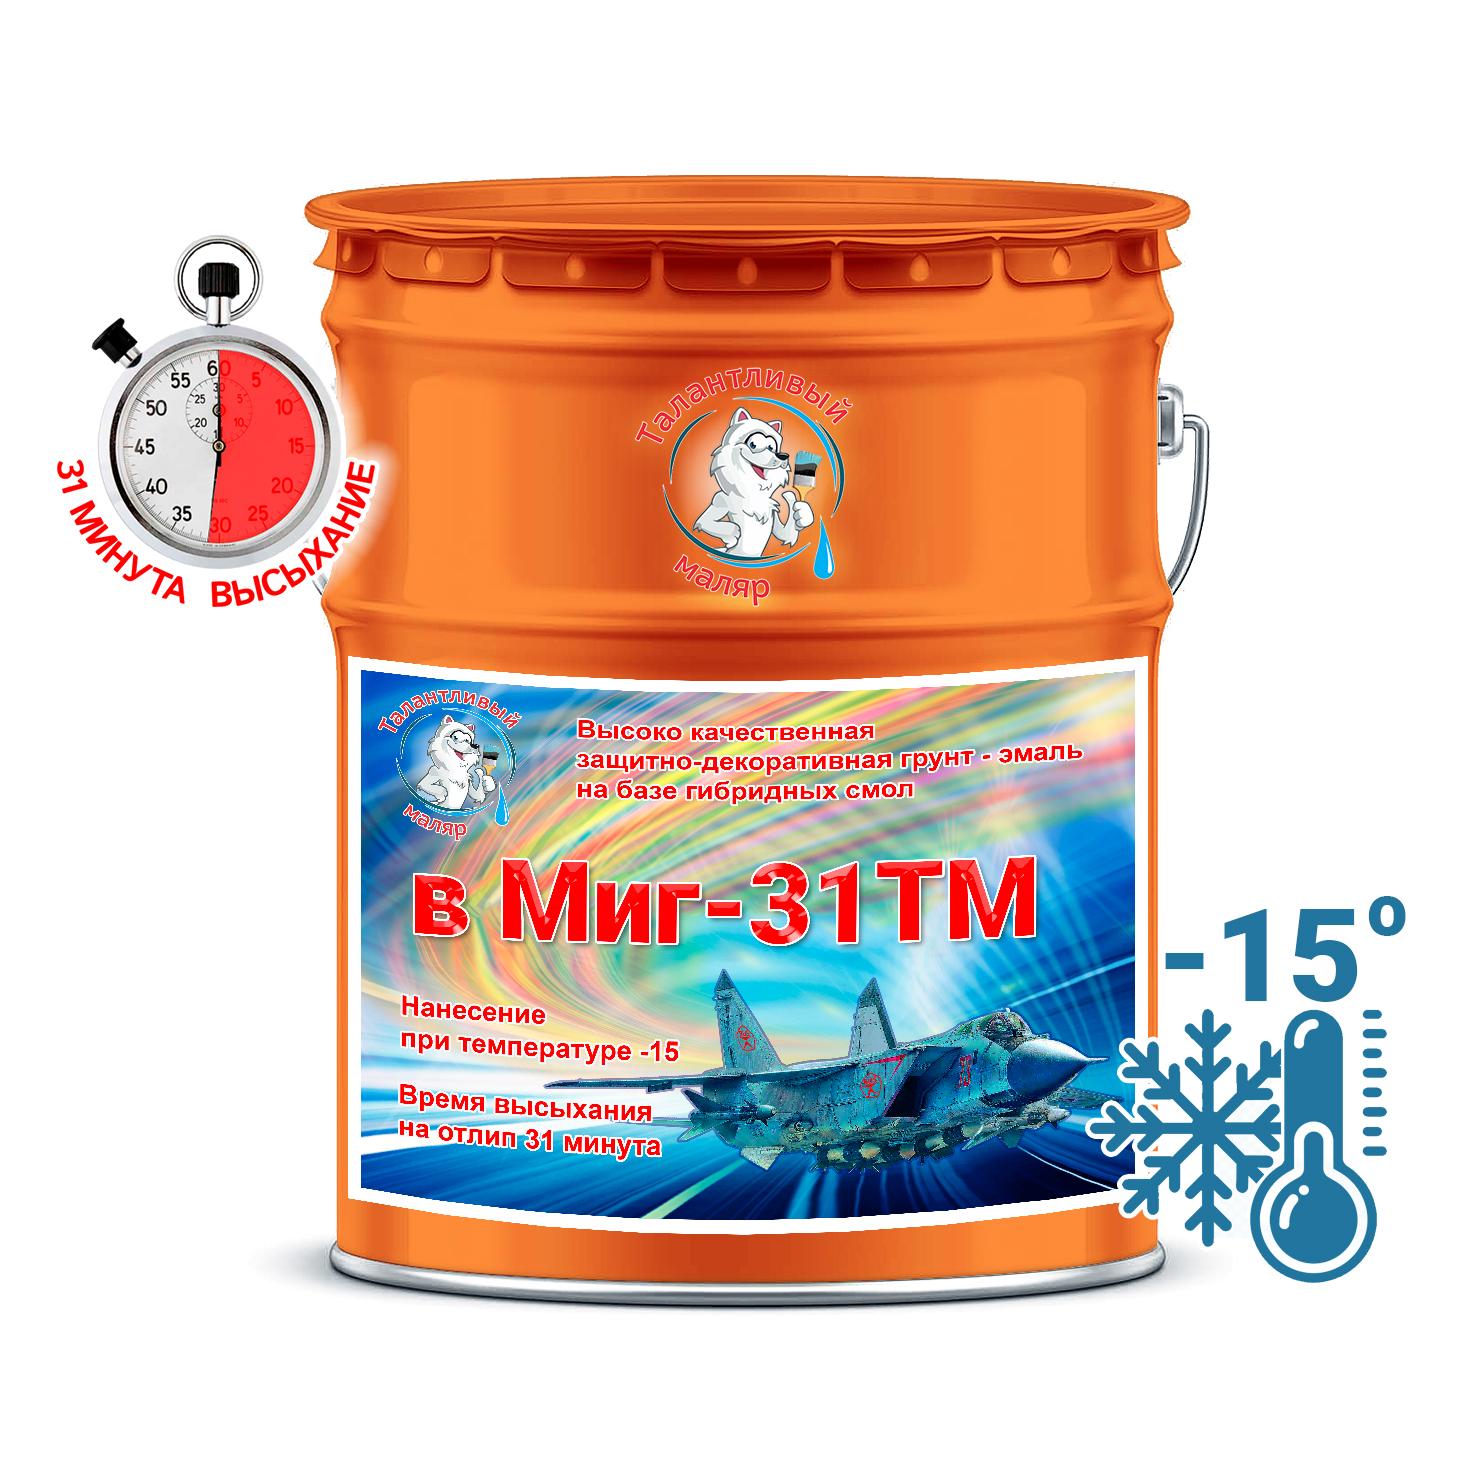 """Фото 4 - Грунт-Эмаль Премиум  """"ВМИГ - 31 ТМ"""" цвет RAL 2009 Транспортный оранжевый, полуглянцевая, быстросохнущая, морозостойкая, на базе гибридных смол, по ржавчине 3 в 1, 20 кг """"Талантливый Маляр""""."""